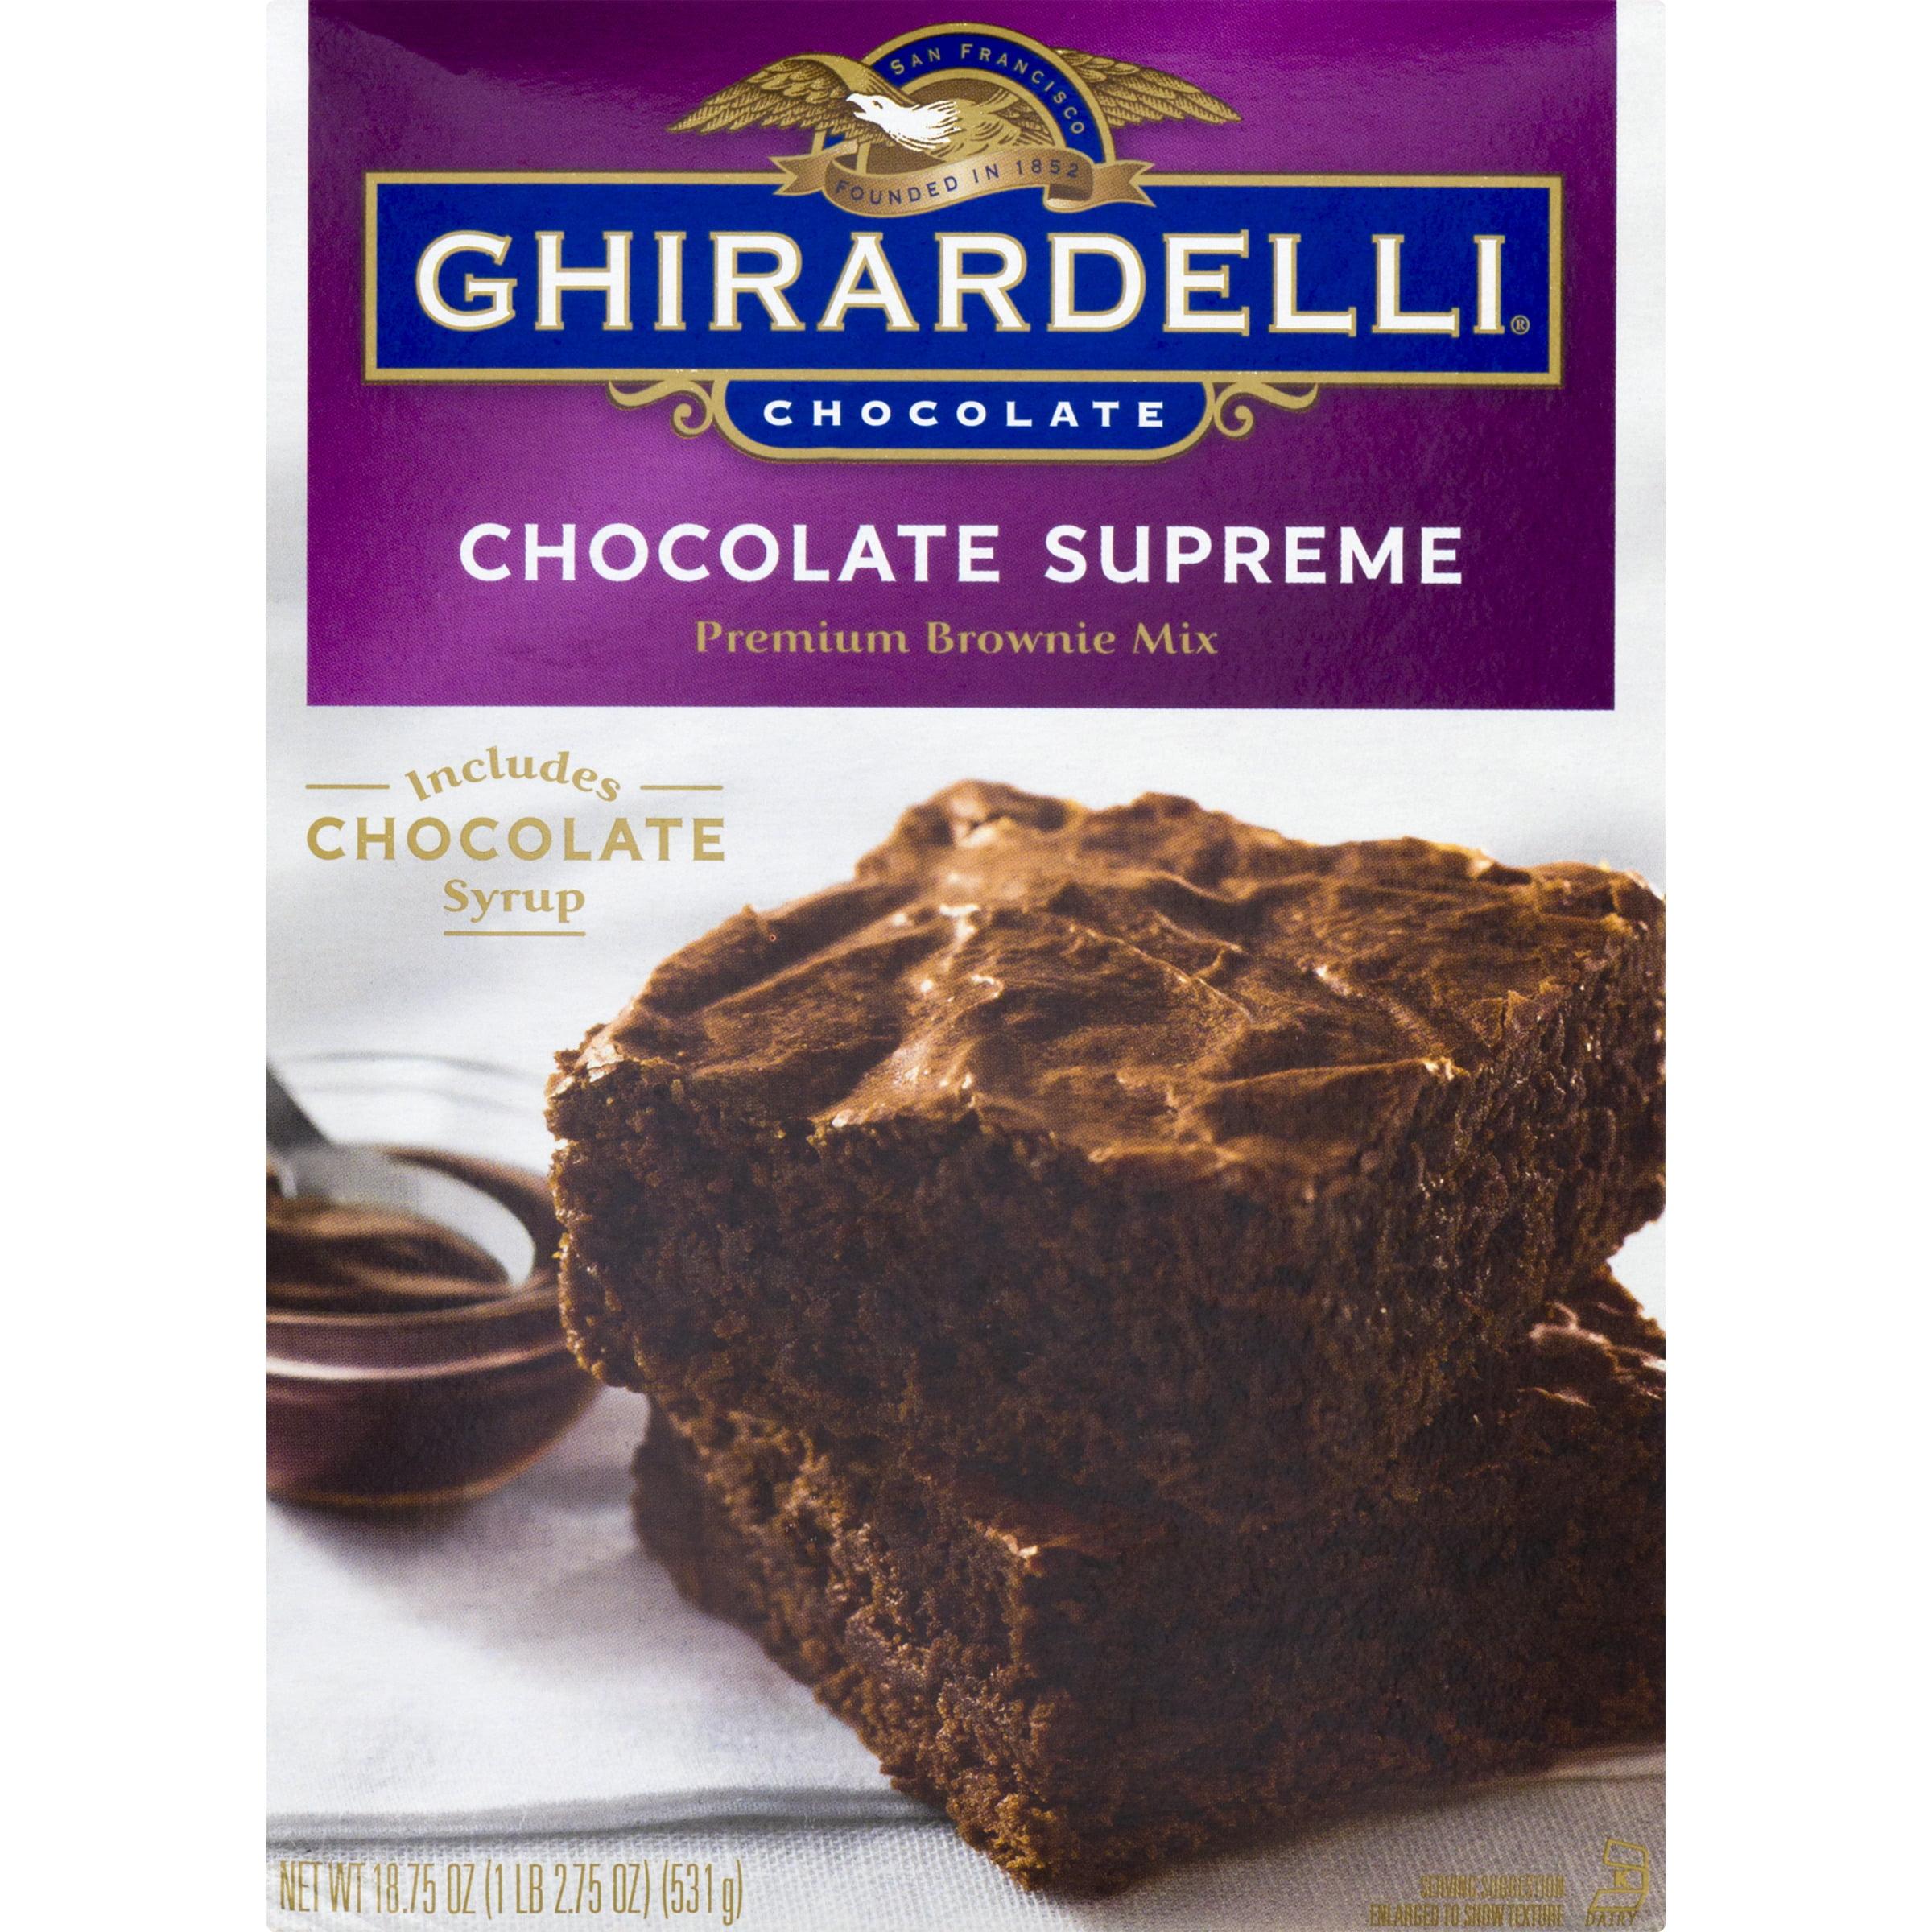 Ghirardelli Chocolate Supreme Premium Brownie Mix, 18.75 oz